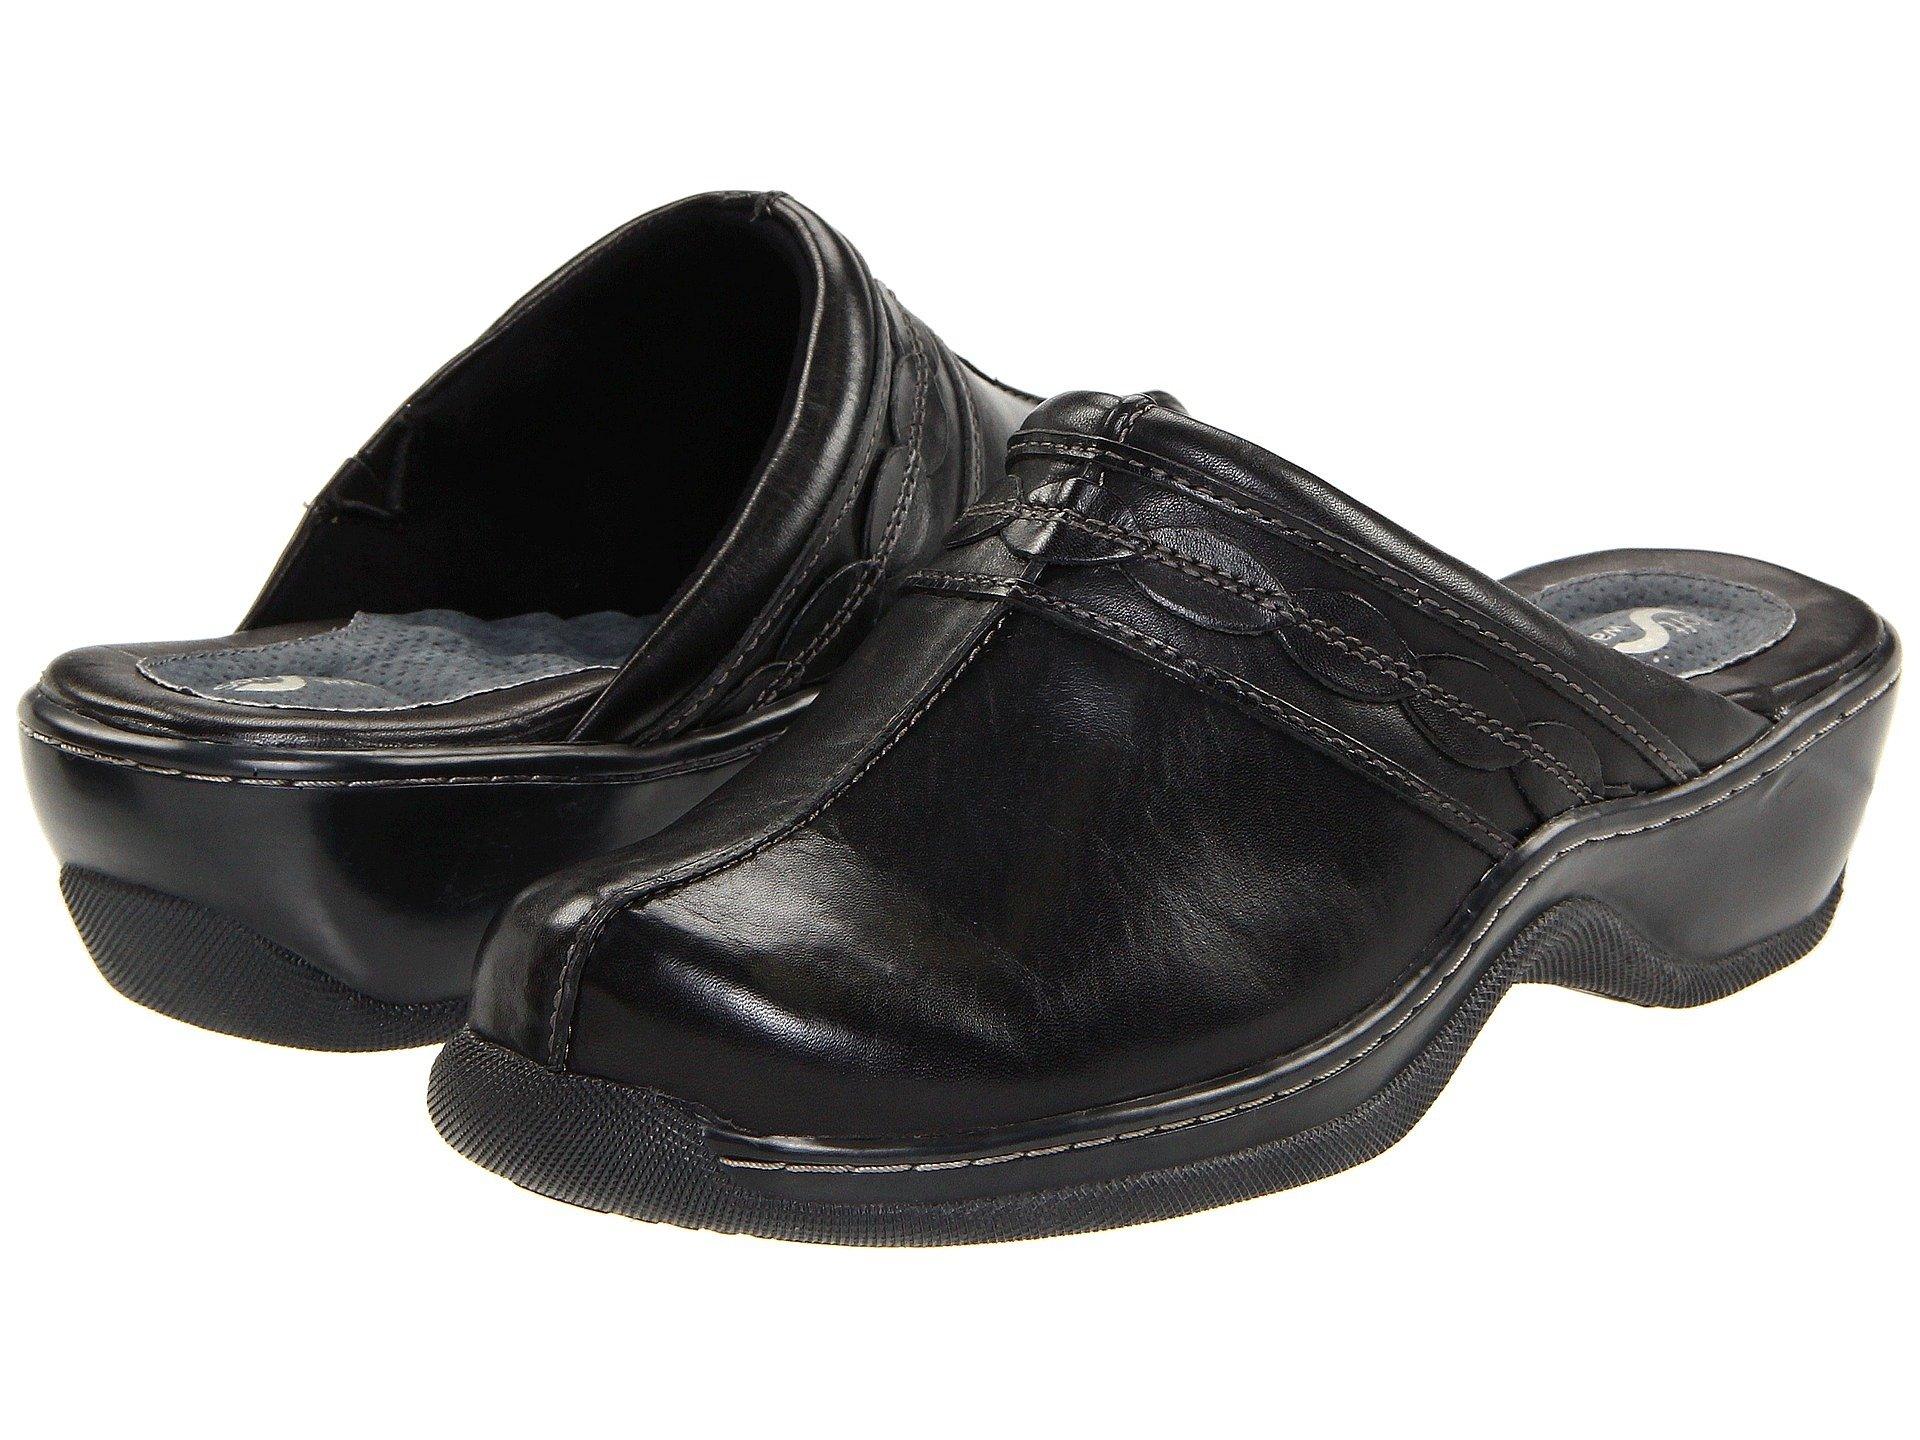 7ac4f391e078 Women s SoftWalk Shoes + FREE SHIPPING